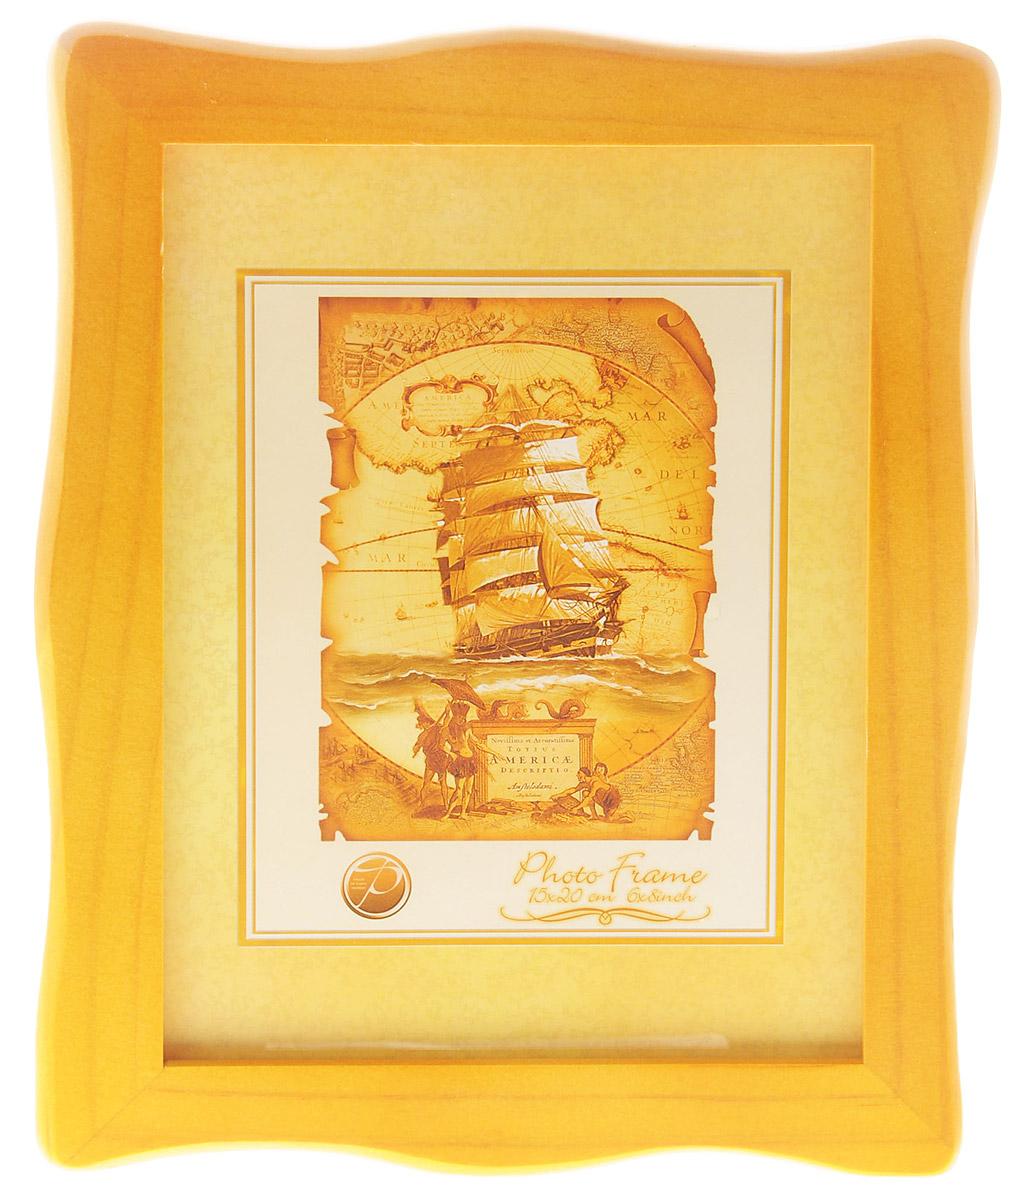 Фоторамка Pioneer Susanna, цвет: темно-желтый, 15 x 20 смRG-D31SФоторамка Pioneer Susanna выполнена из высококачественного дерева и стекла, защищающего фотографию. Оборотная сторона рамки оснащена специальной ножкой, благодаря которой ее можно поставить на стол или любое другое место в доме или офисе. Также на изделии имеются два специальных отверстия для подвешивания. Такая фоторамка поможет вам оригинально и стильно дополнить интерьер помещения, а также позволит сохранить память о дорогих вам людях и интересных событиях вашей жизни.